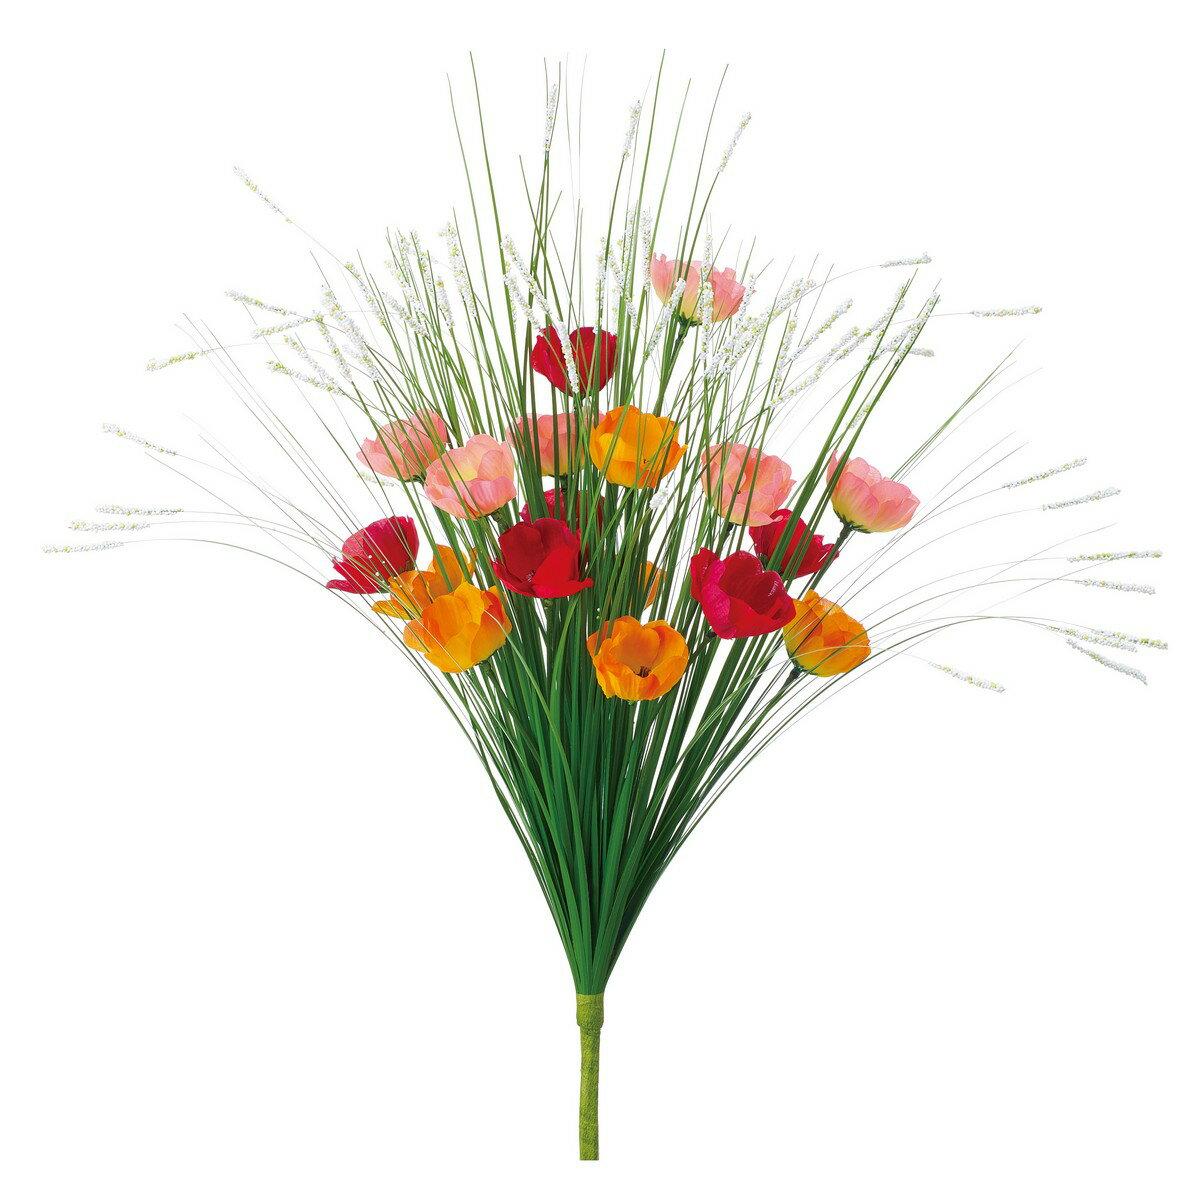 【造花】YDM/グラスミニアネモネブッシュ オレンジ/レッド/FP-5024-R/O【01】【01】【取寄】《 造花(アーティフィシャルフラワー) 造花ギフト 仏花 》